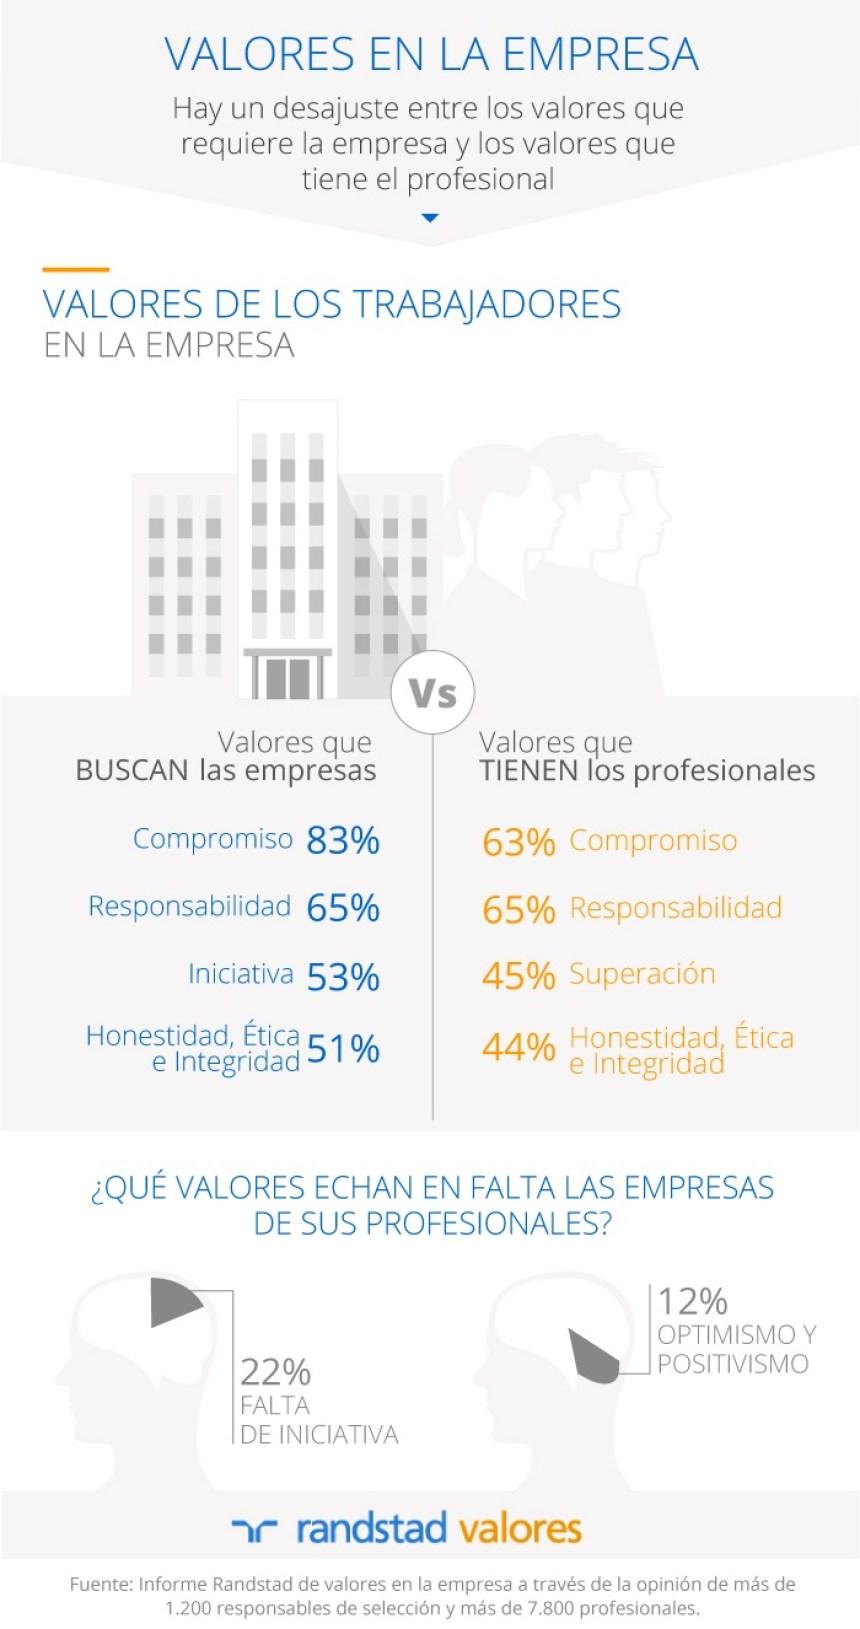 Valores de los trabajadores en la empresa